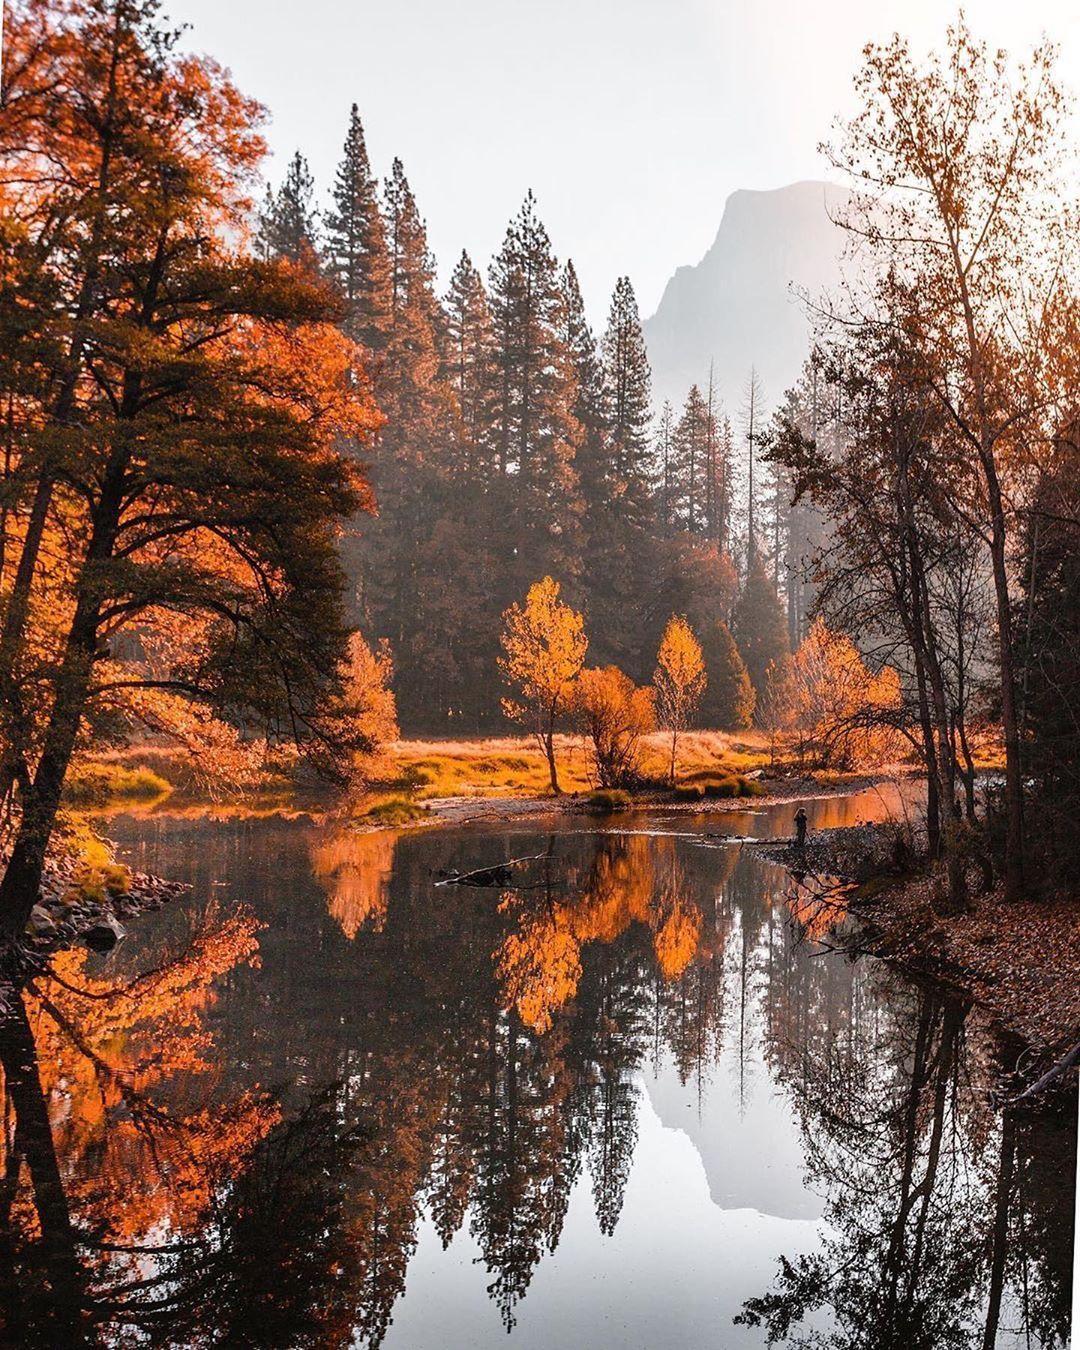 Aventure Voyage Outdoor Destination Nature En 2020 Paysage Automne Paysage Images Paysages